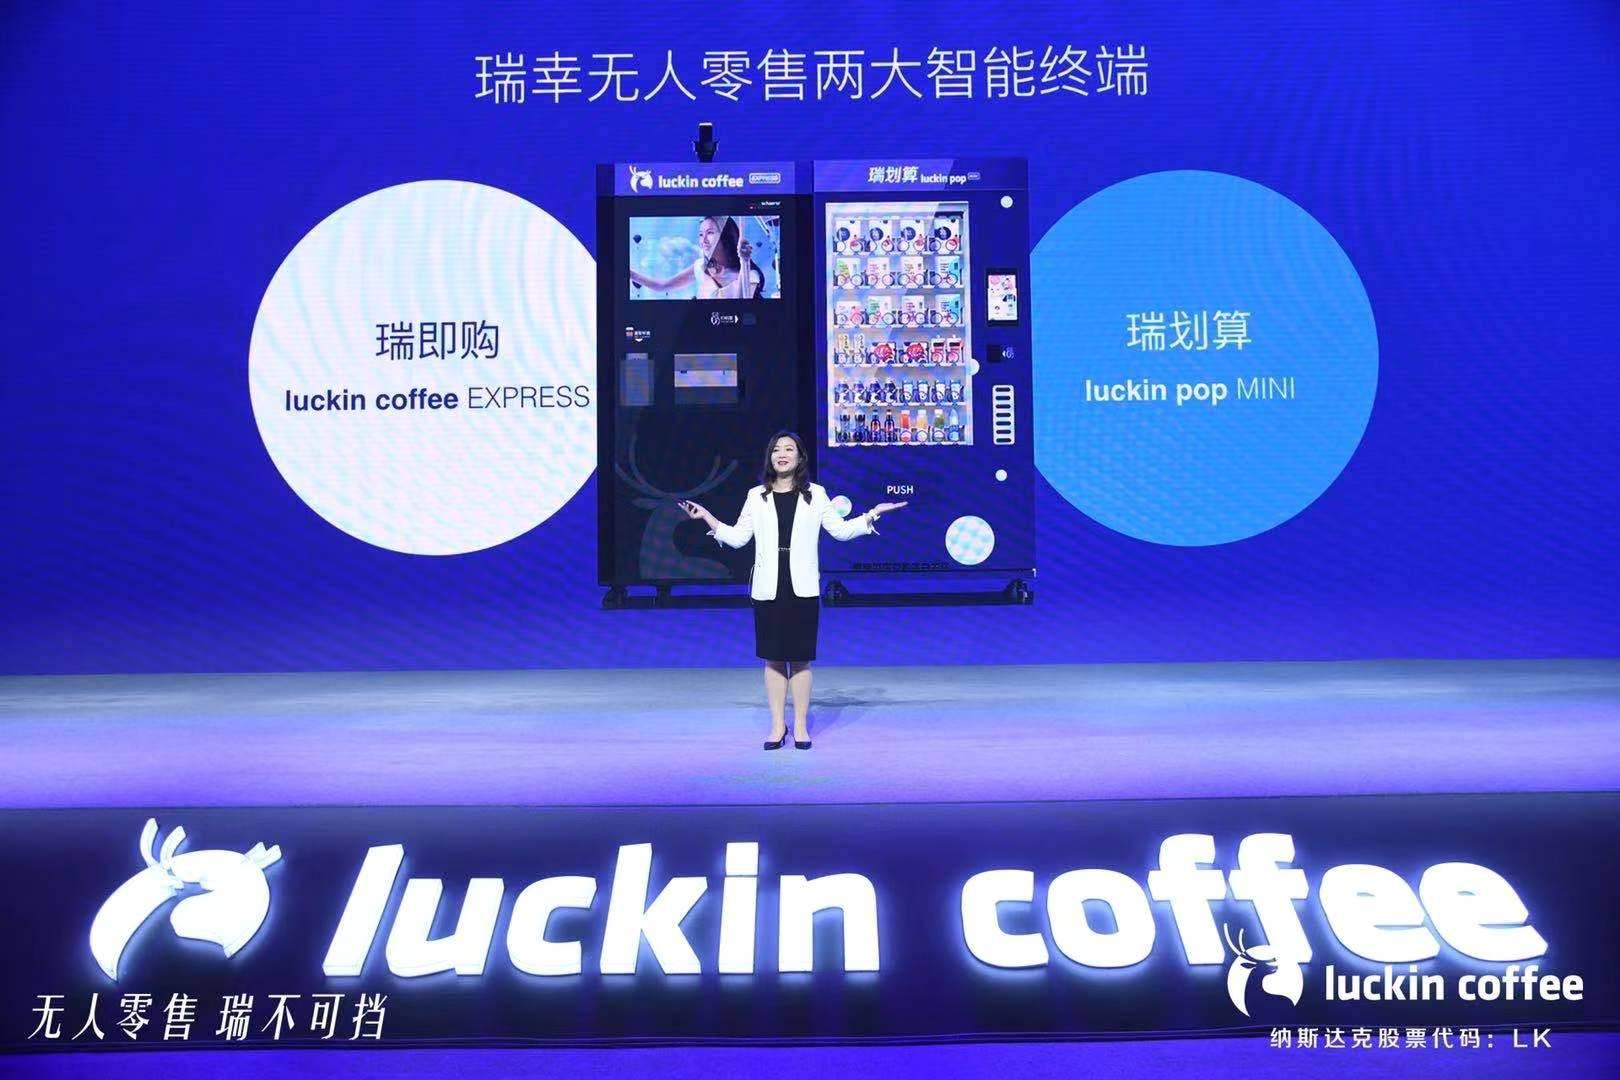 瑞幸咖啡宣布进军无人零售完善全渠道流量体系